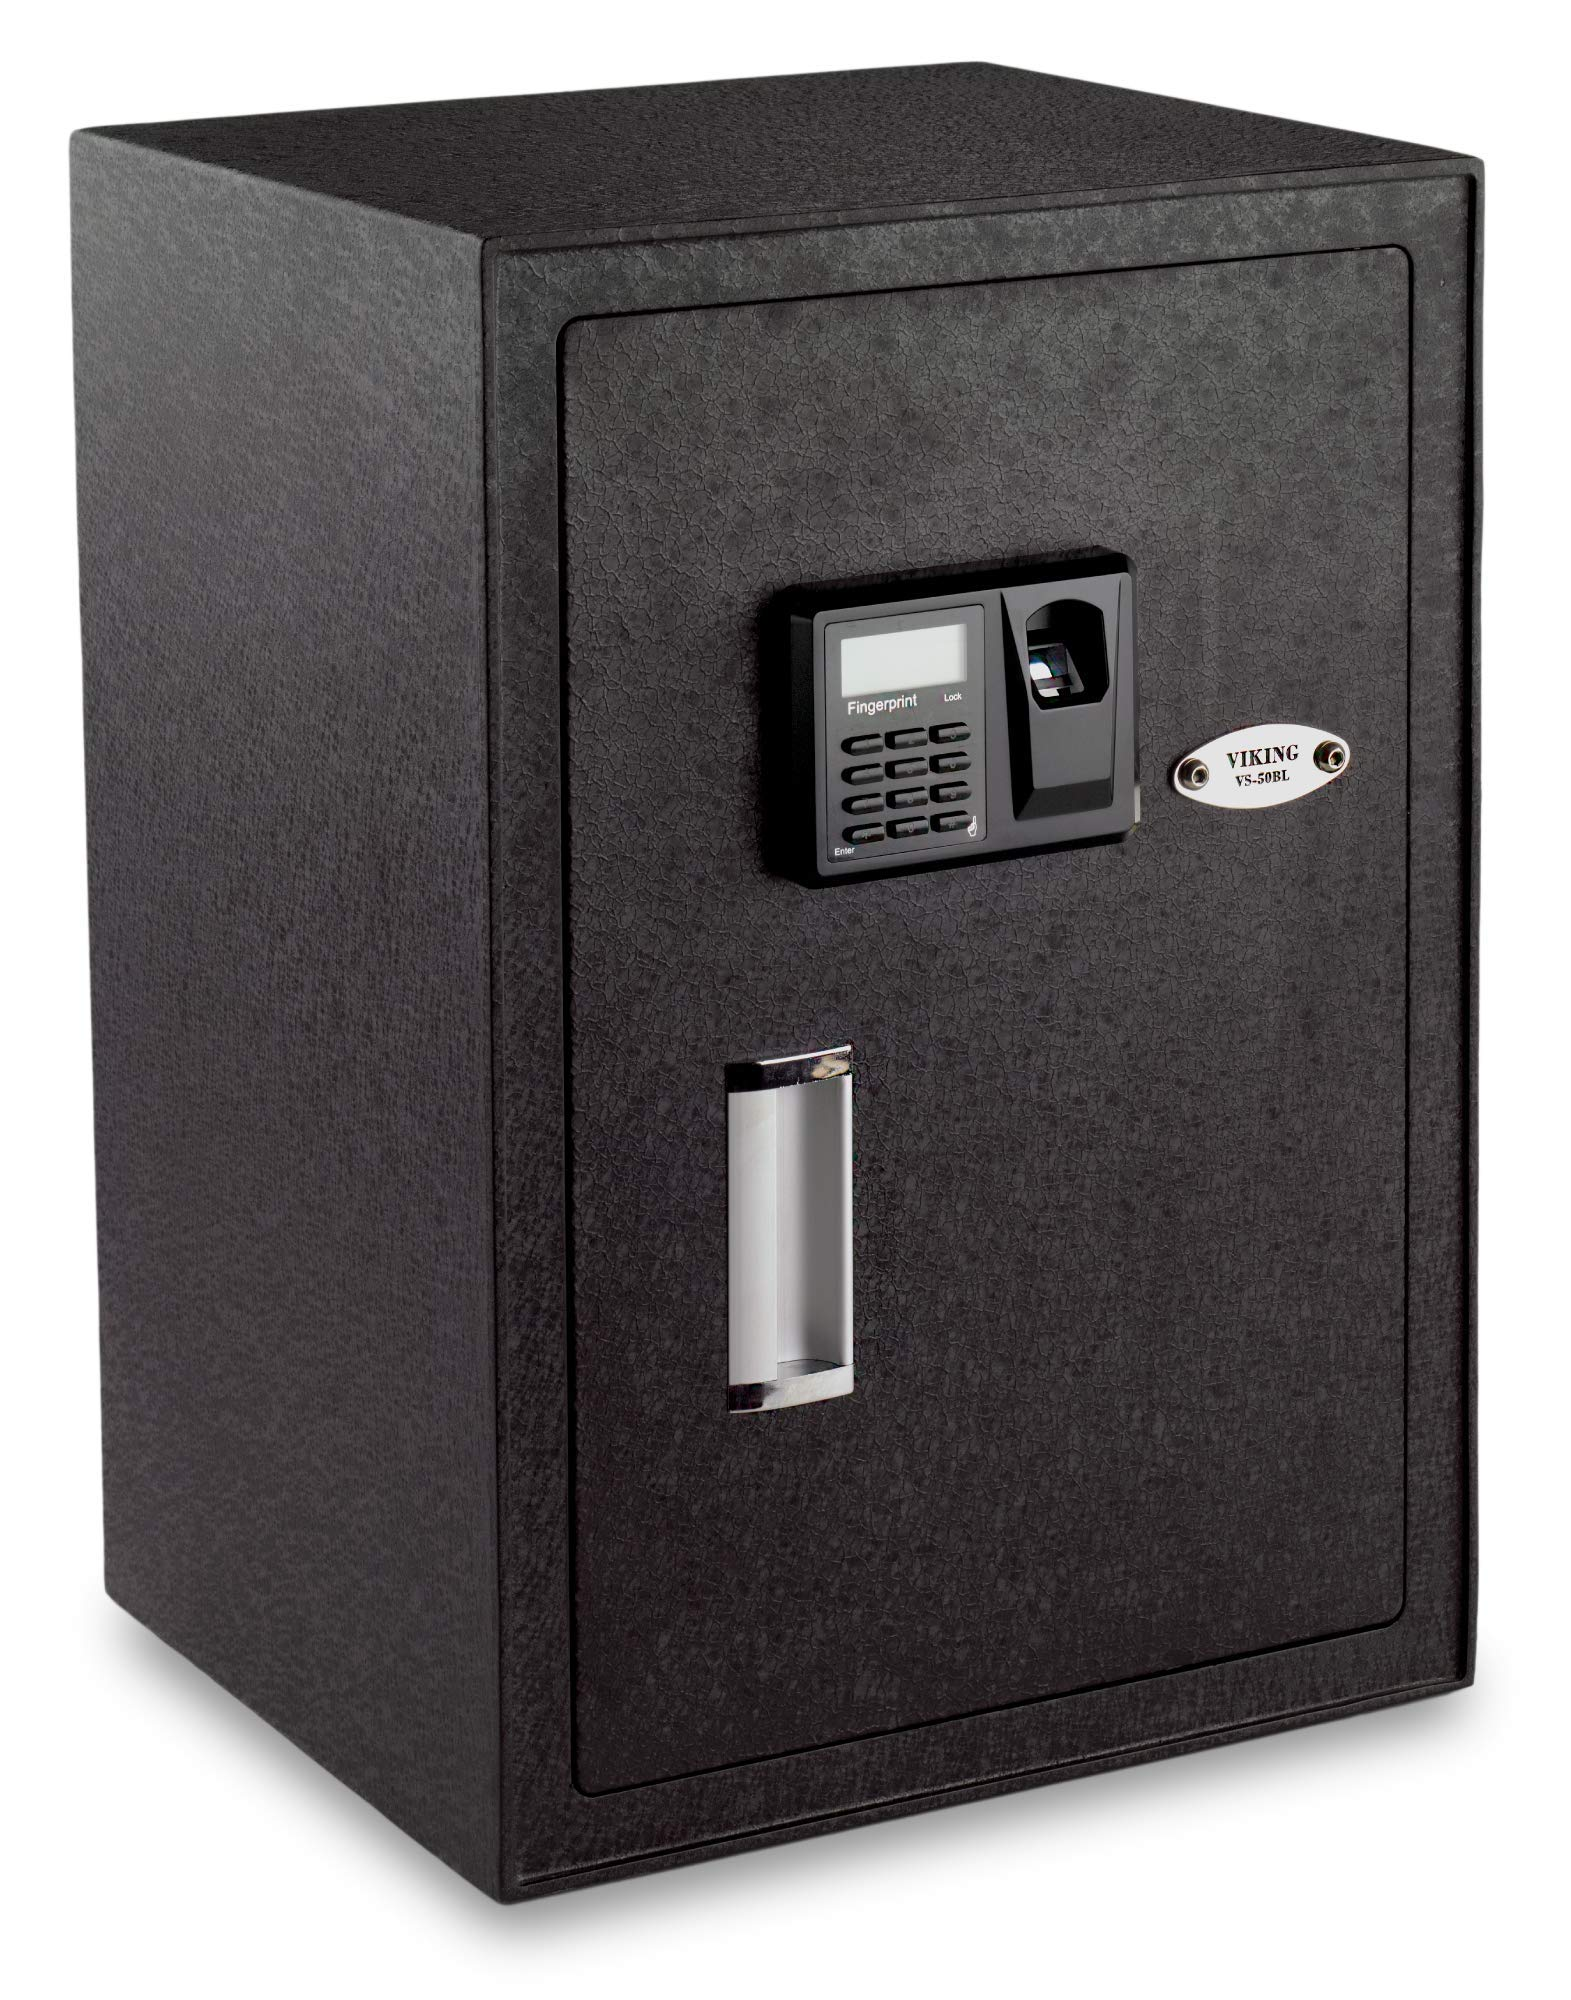 Viking Security Safe VS-50BLX Large Biometric Safe Fingerprint Safe by Viking Security Safe